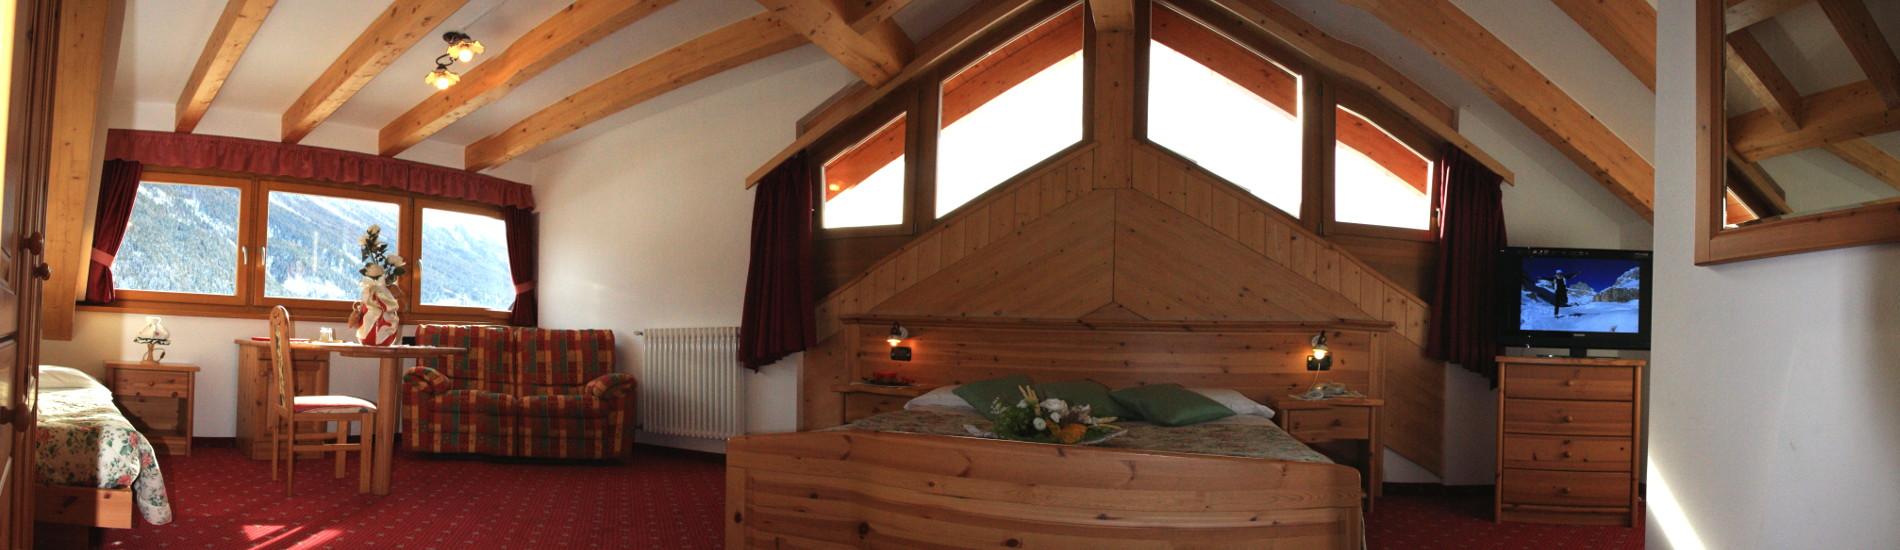 Camere con vista Panoramica sulle Dolomiti